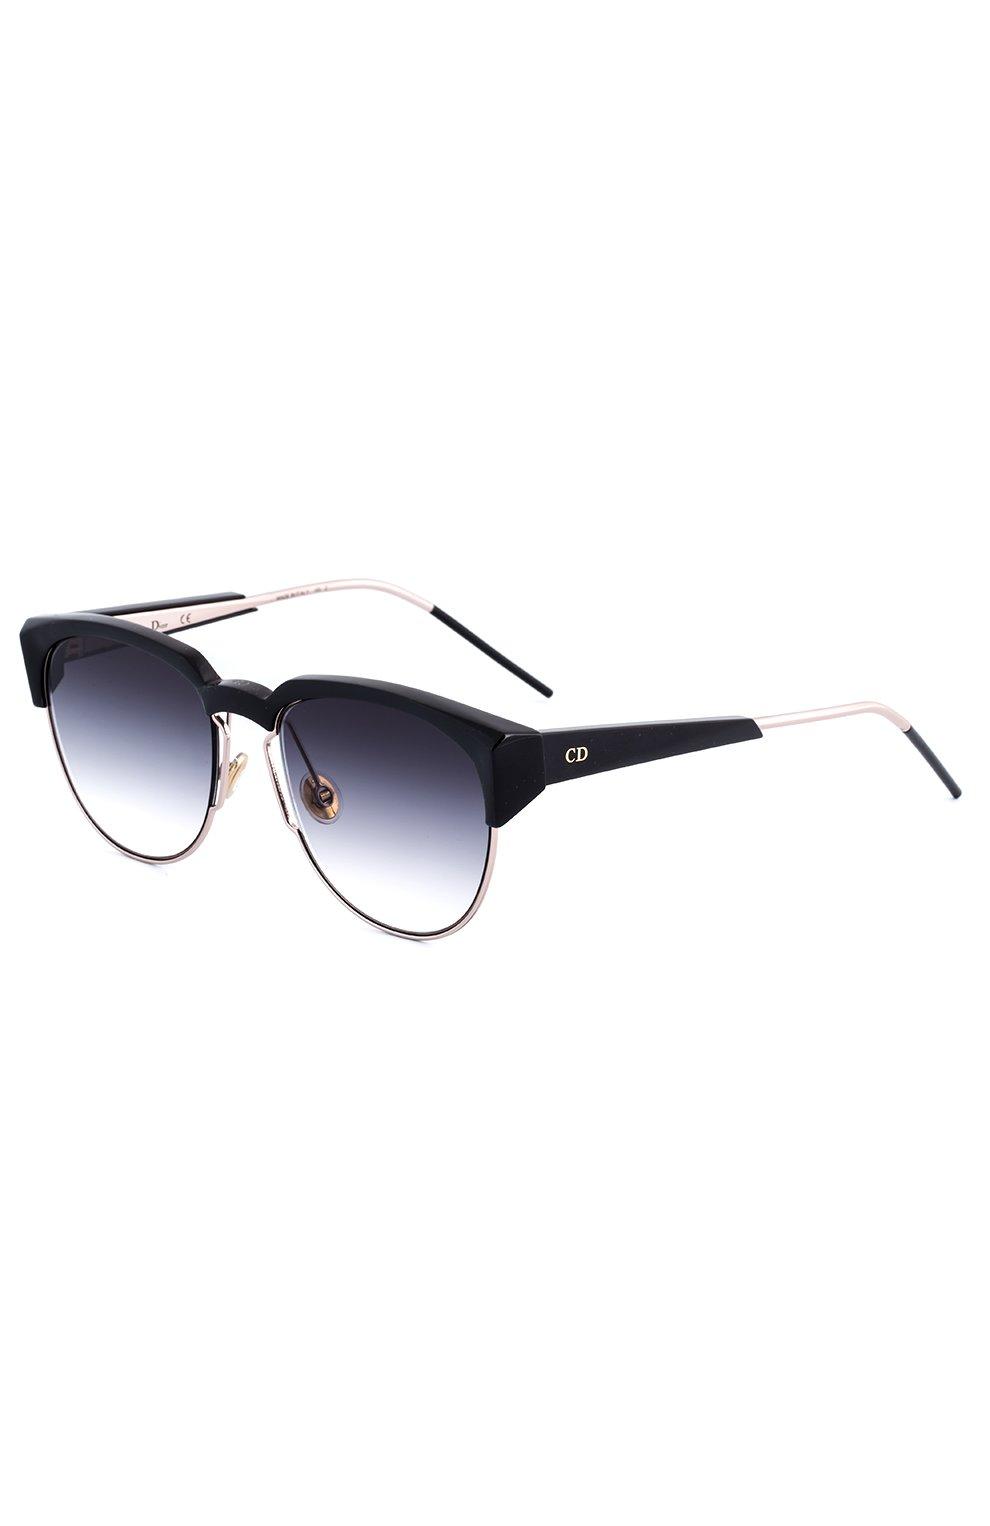 Женские солнцезащитные очки DIOR черного цвета, арт. DI0RSPECTRAL 01M | Фото 1